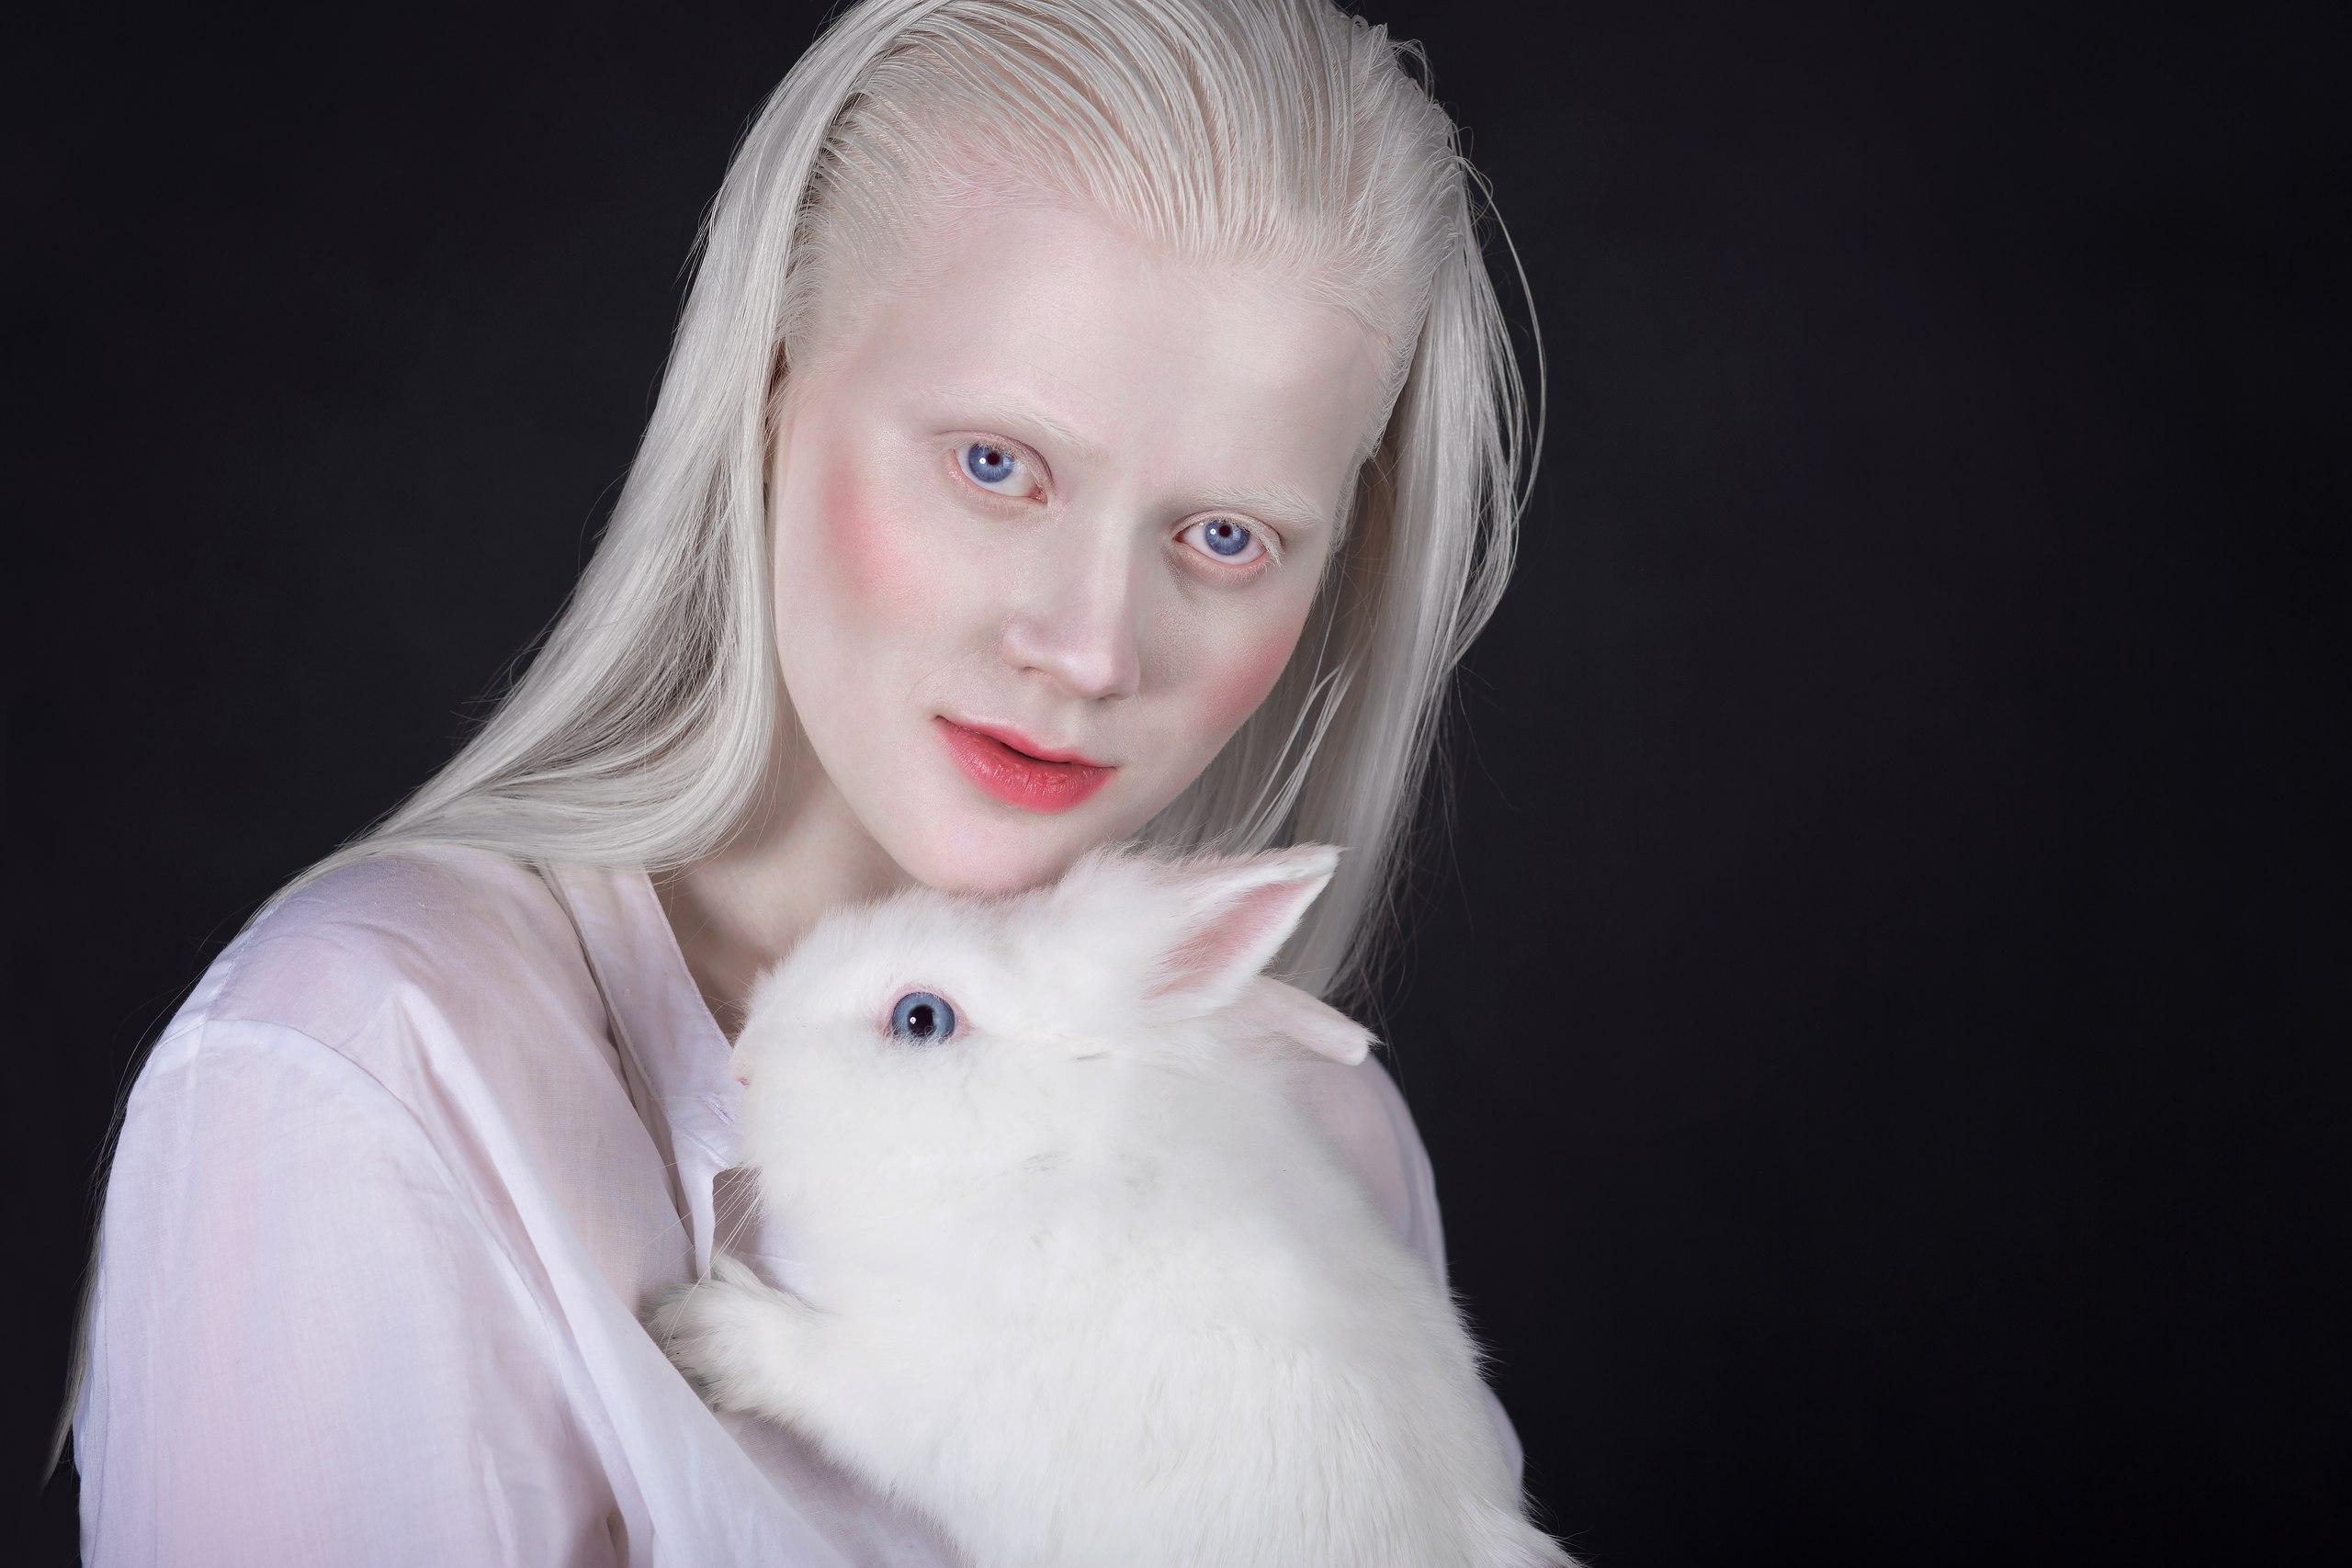 реальные фото альбиносов турции курортный сезон